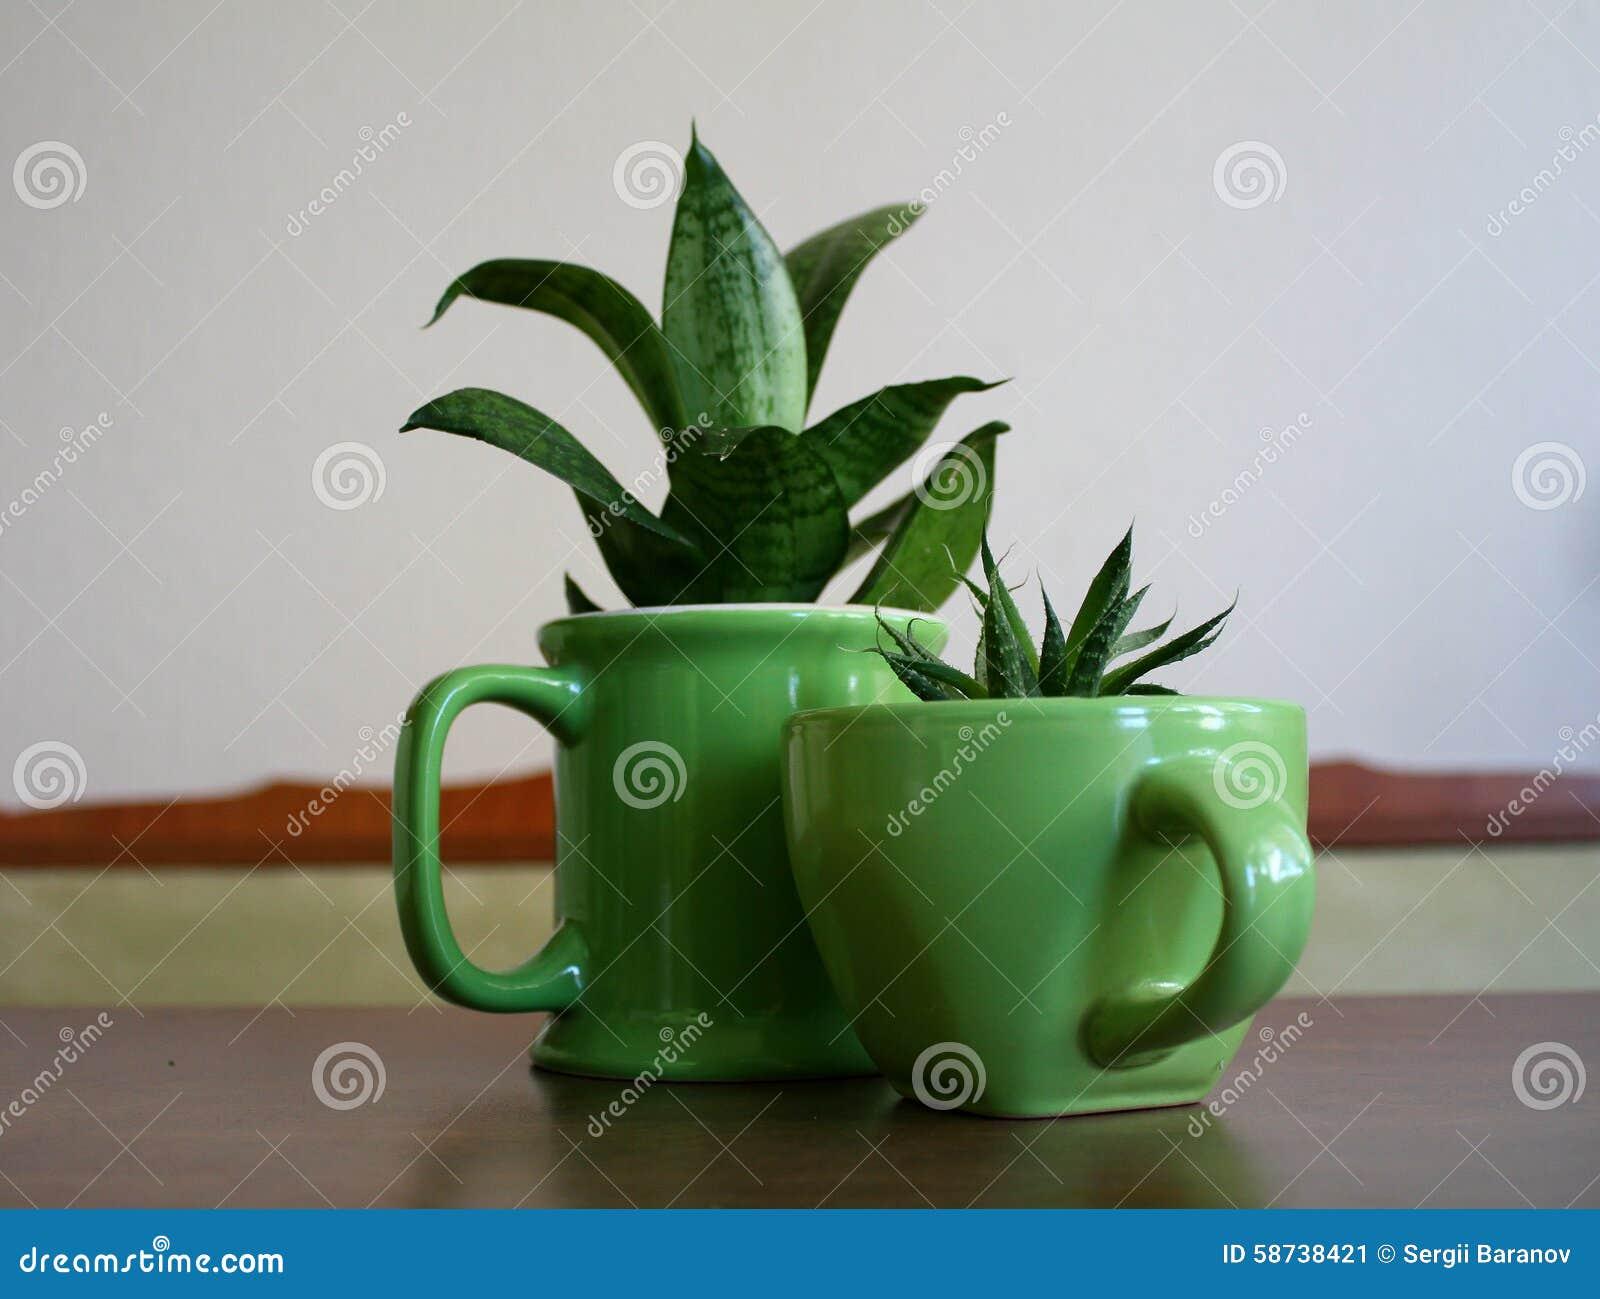 Vasi originali vasi per piante aromatiche vasi terracotta for Decorazione vasi